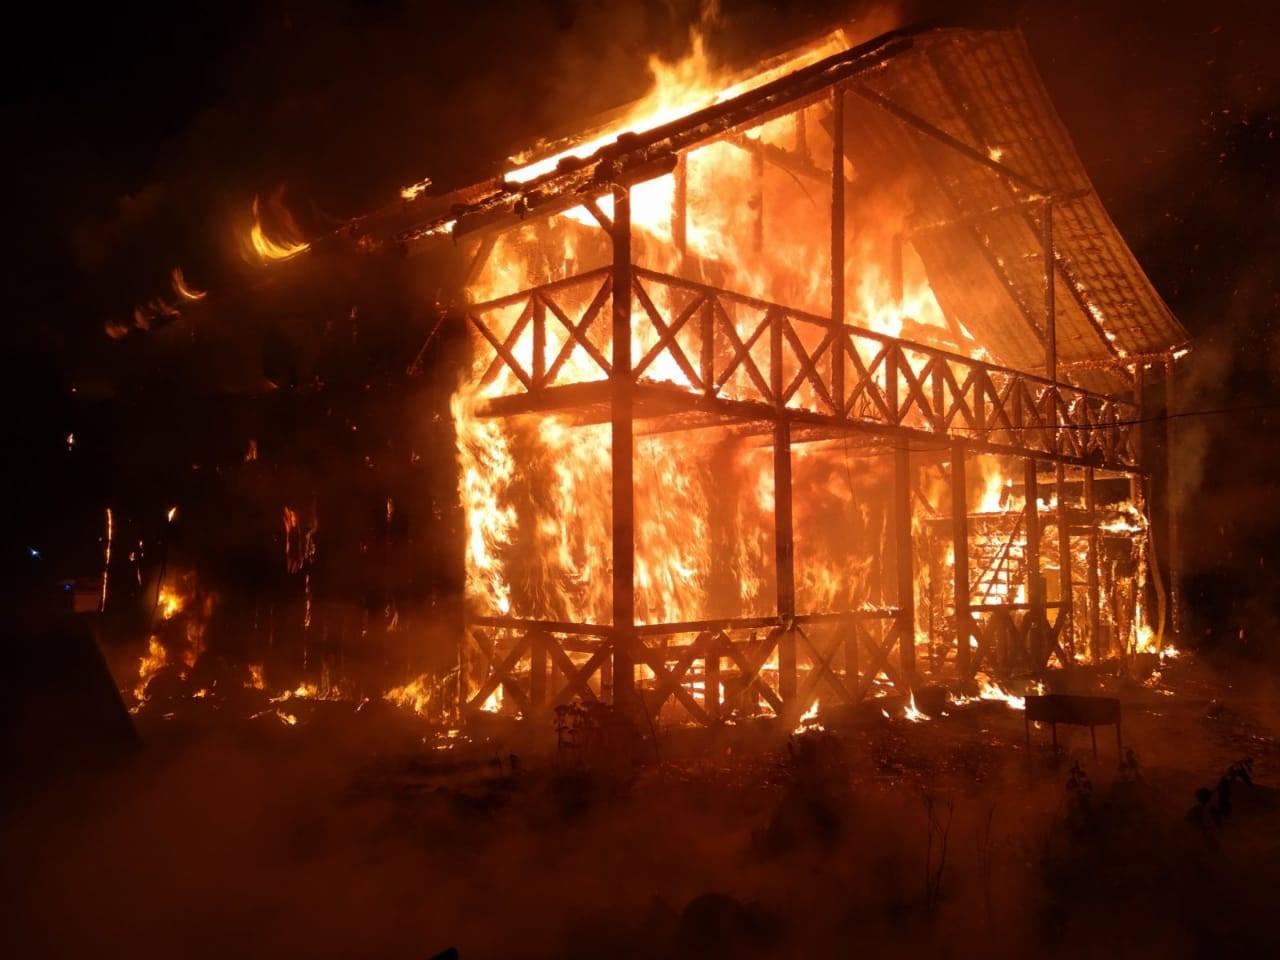 Вночі у Ворохті згорів двоповерховий дерев'яний будинок (ФОТО)